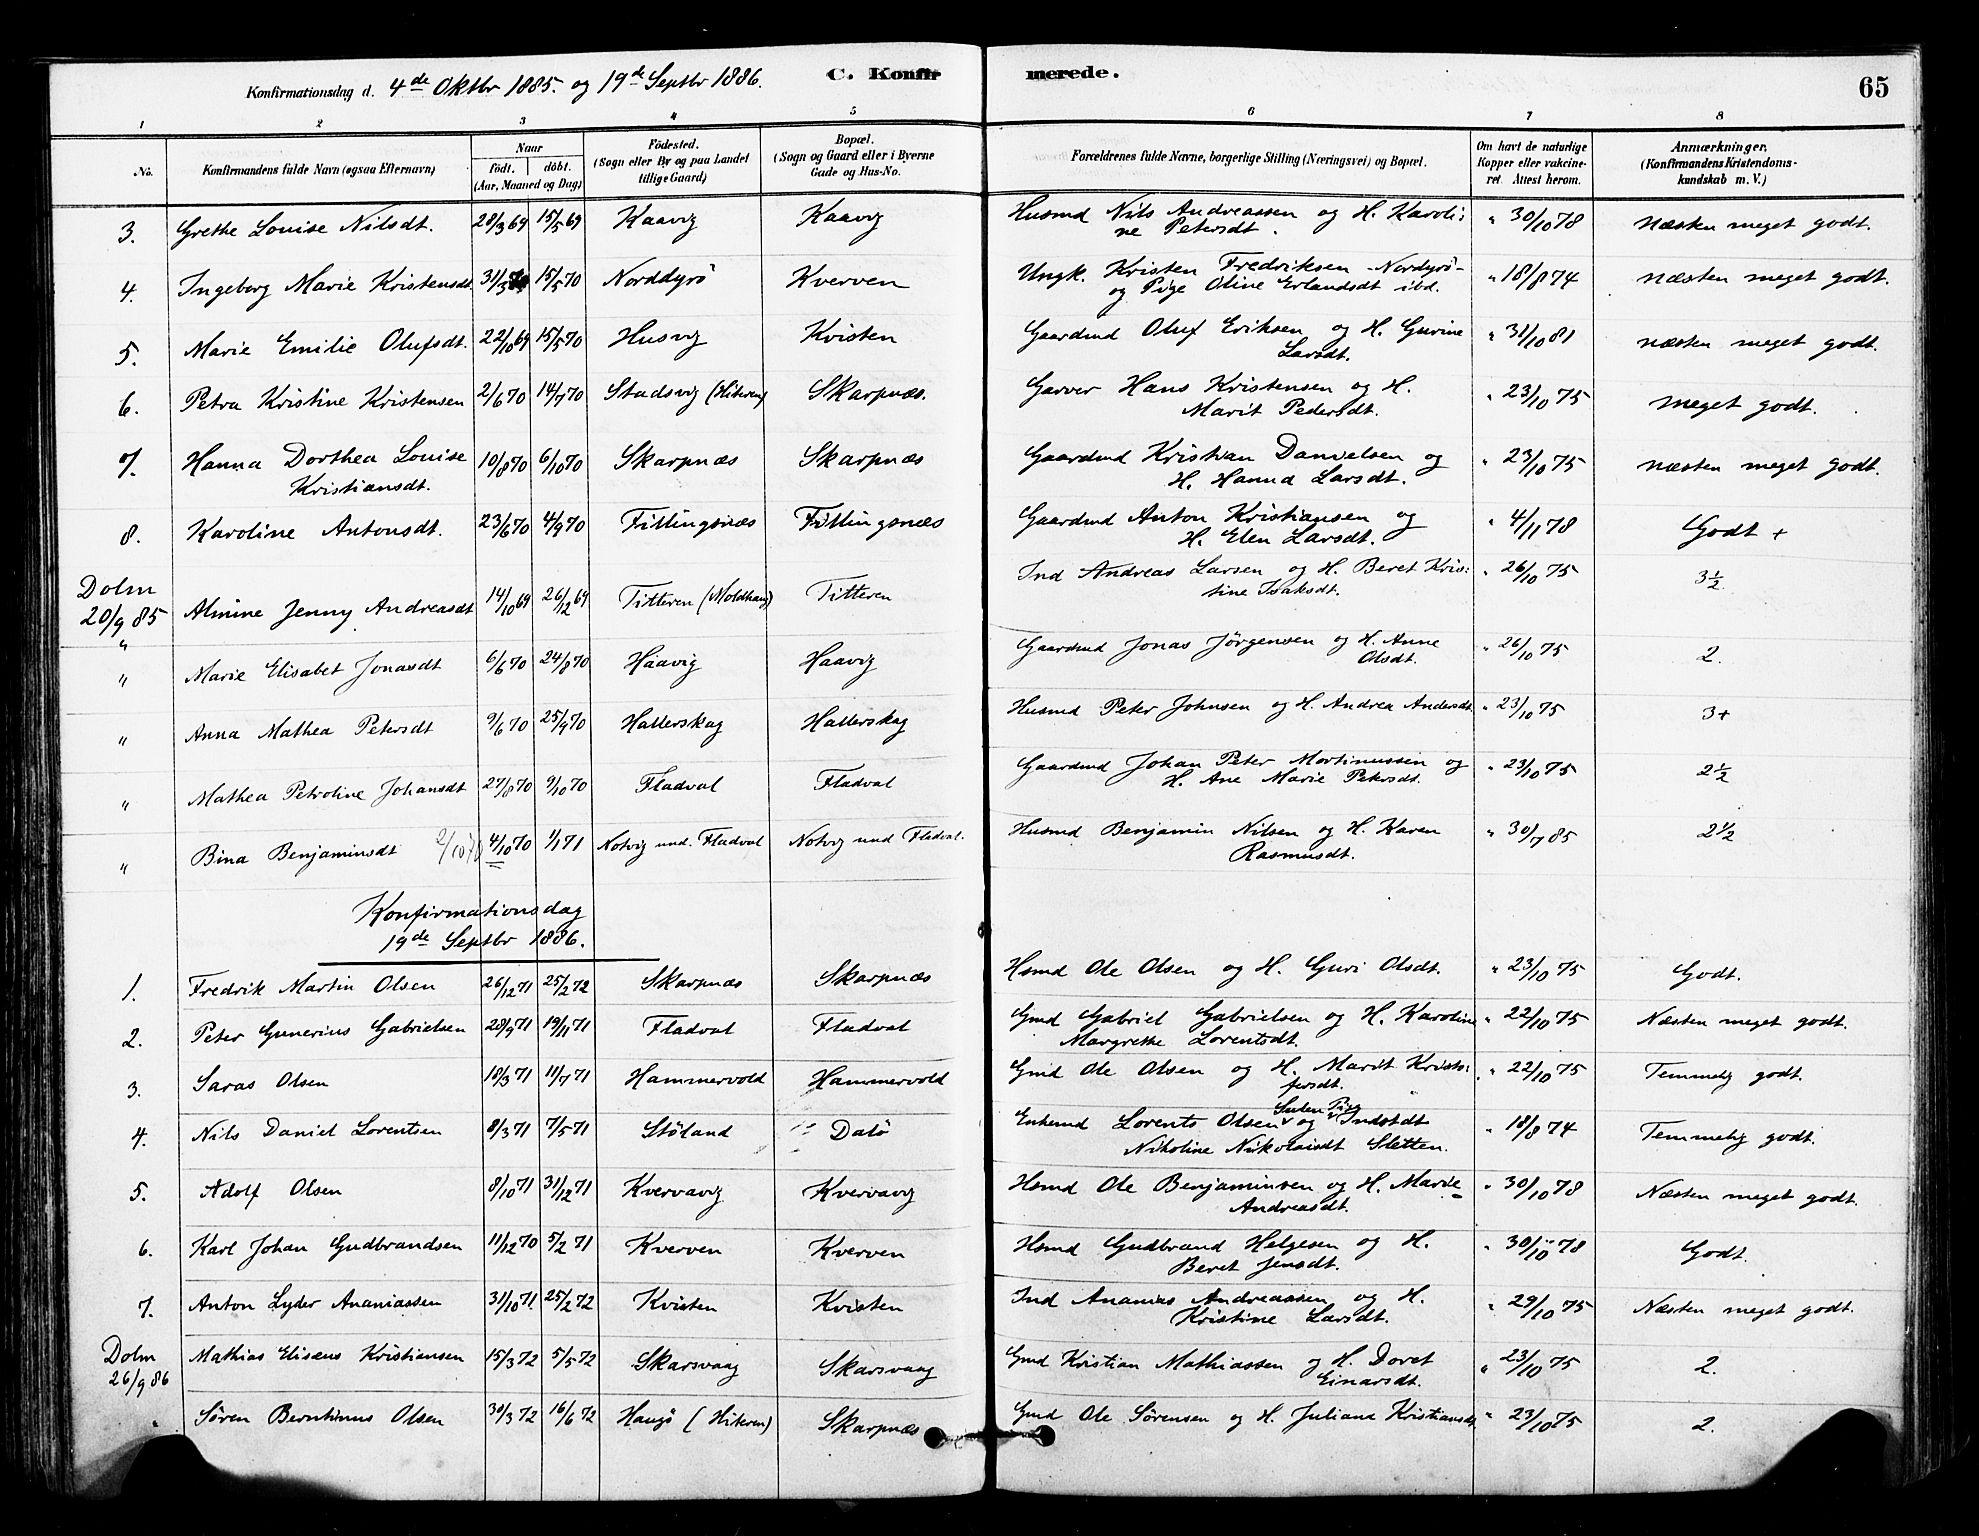 SAT, Ministerialprotokoller, klokkerbøker og fødselsregistre - Sør-Trøndelag, 641/L0595: Ministerialbok nr. 641A01, 1882-1897, s. 65